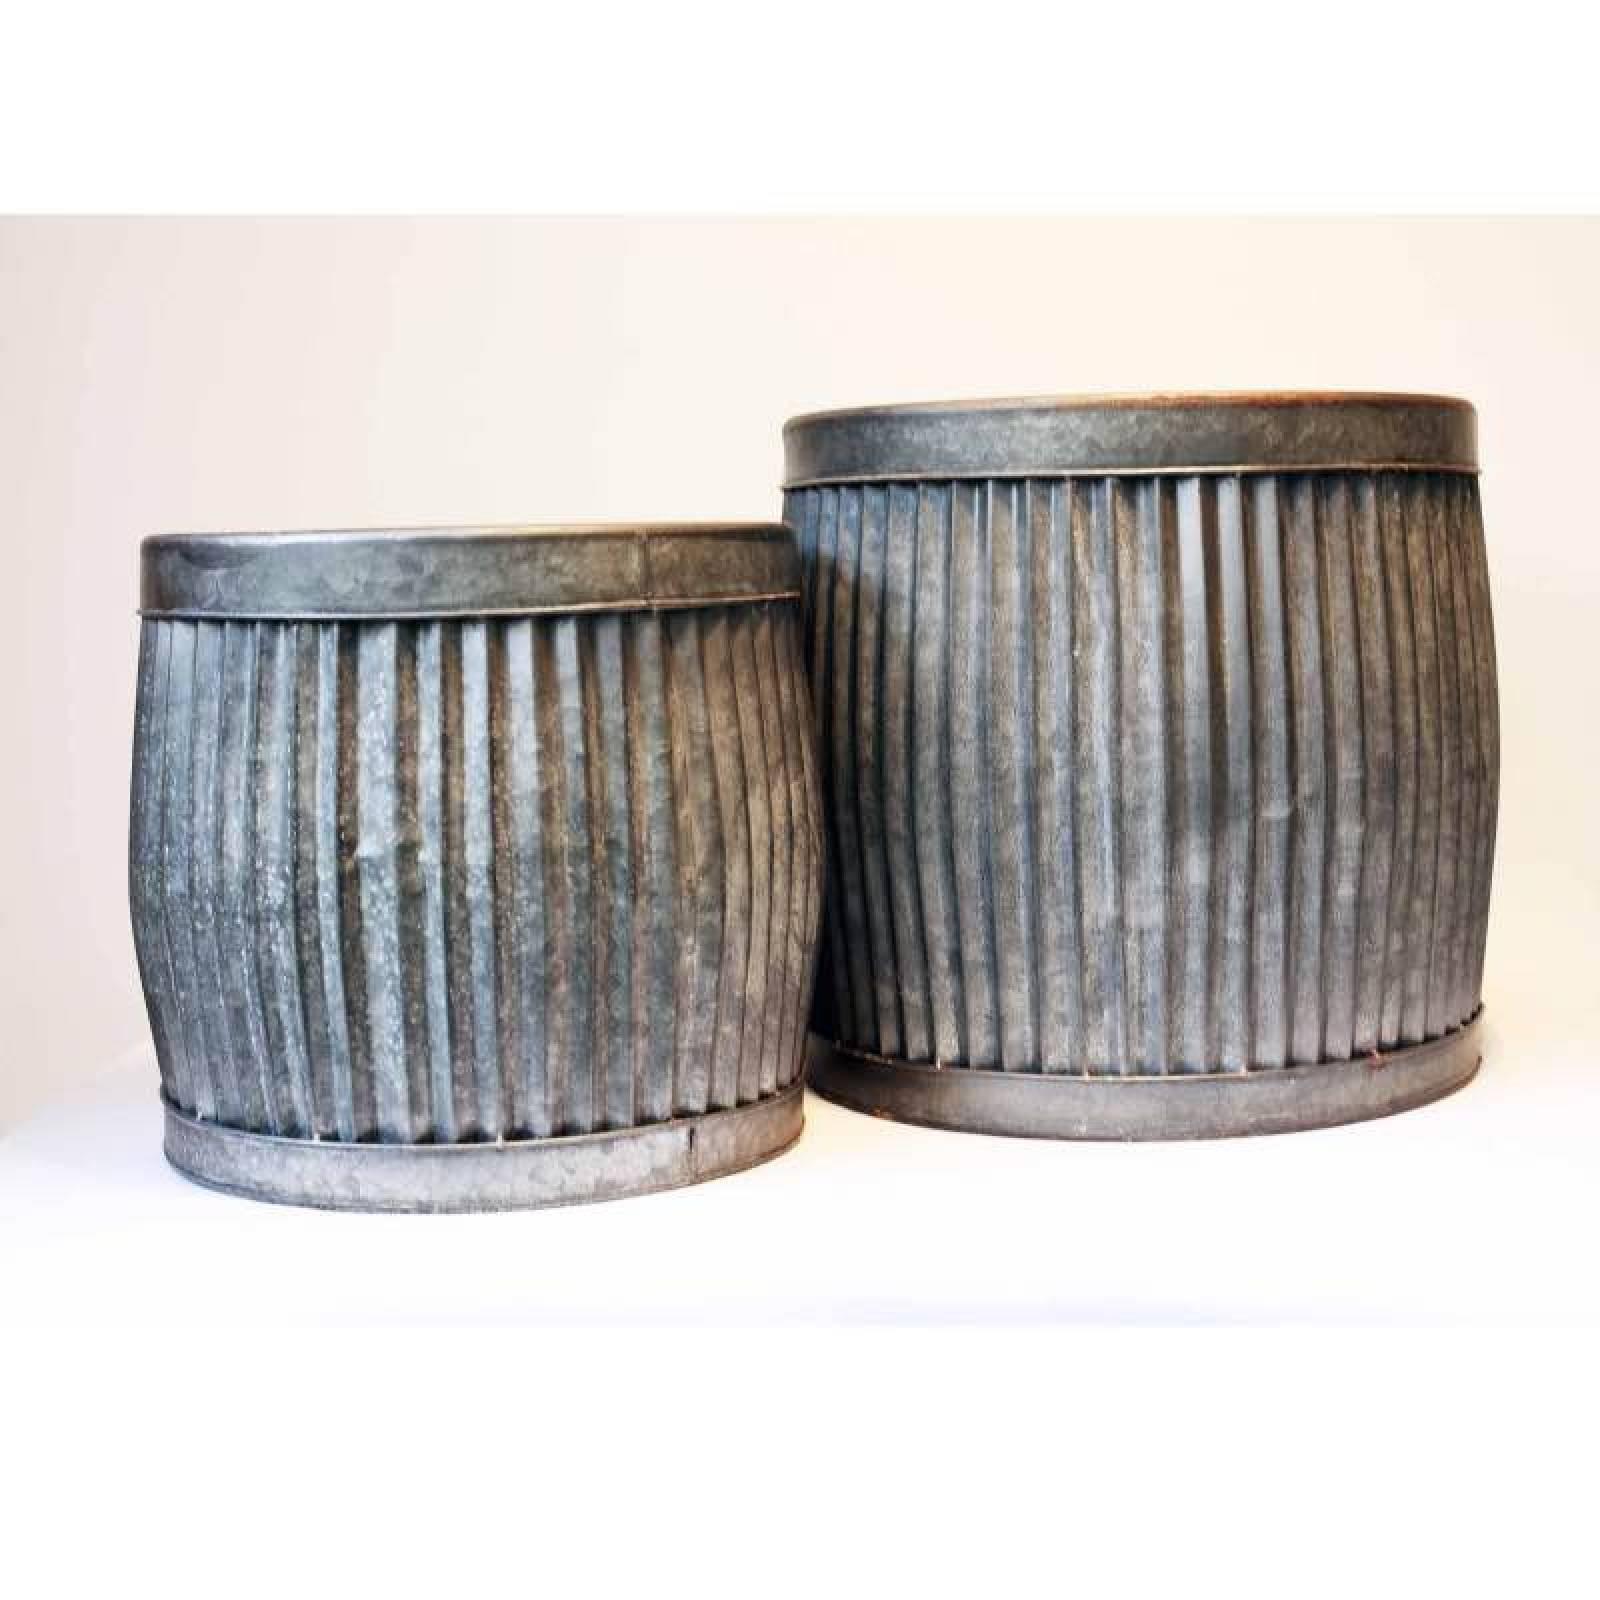 Small Metal Dolly Tub Planter H: 30cm thumbnails